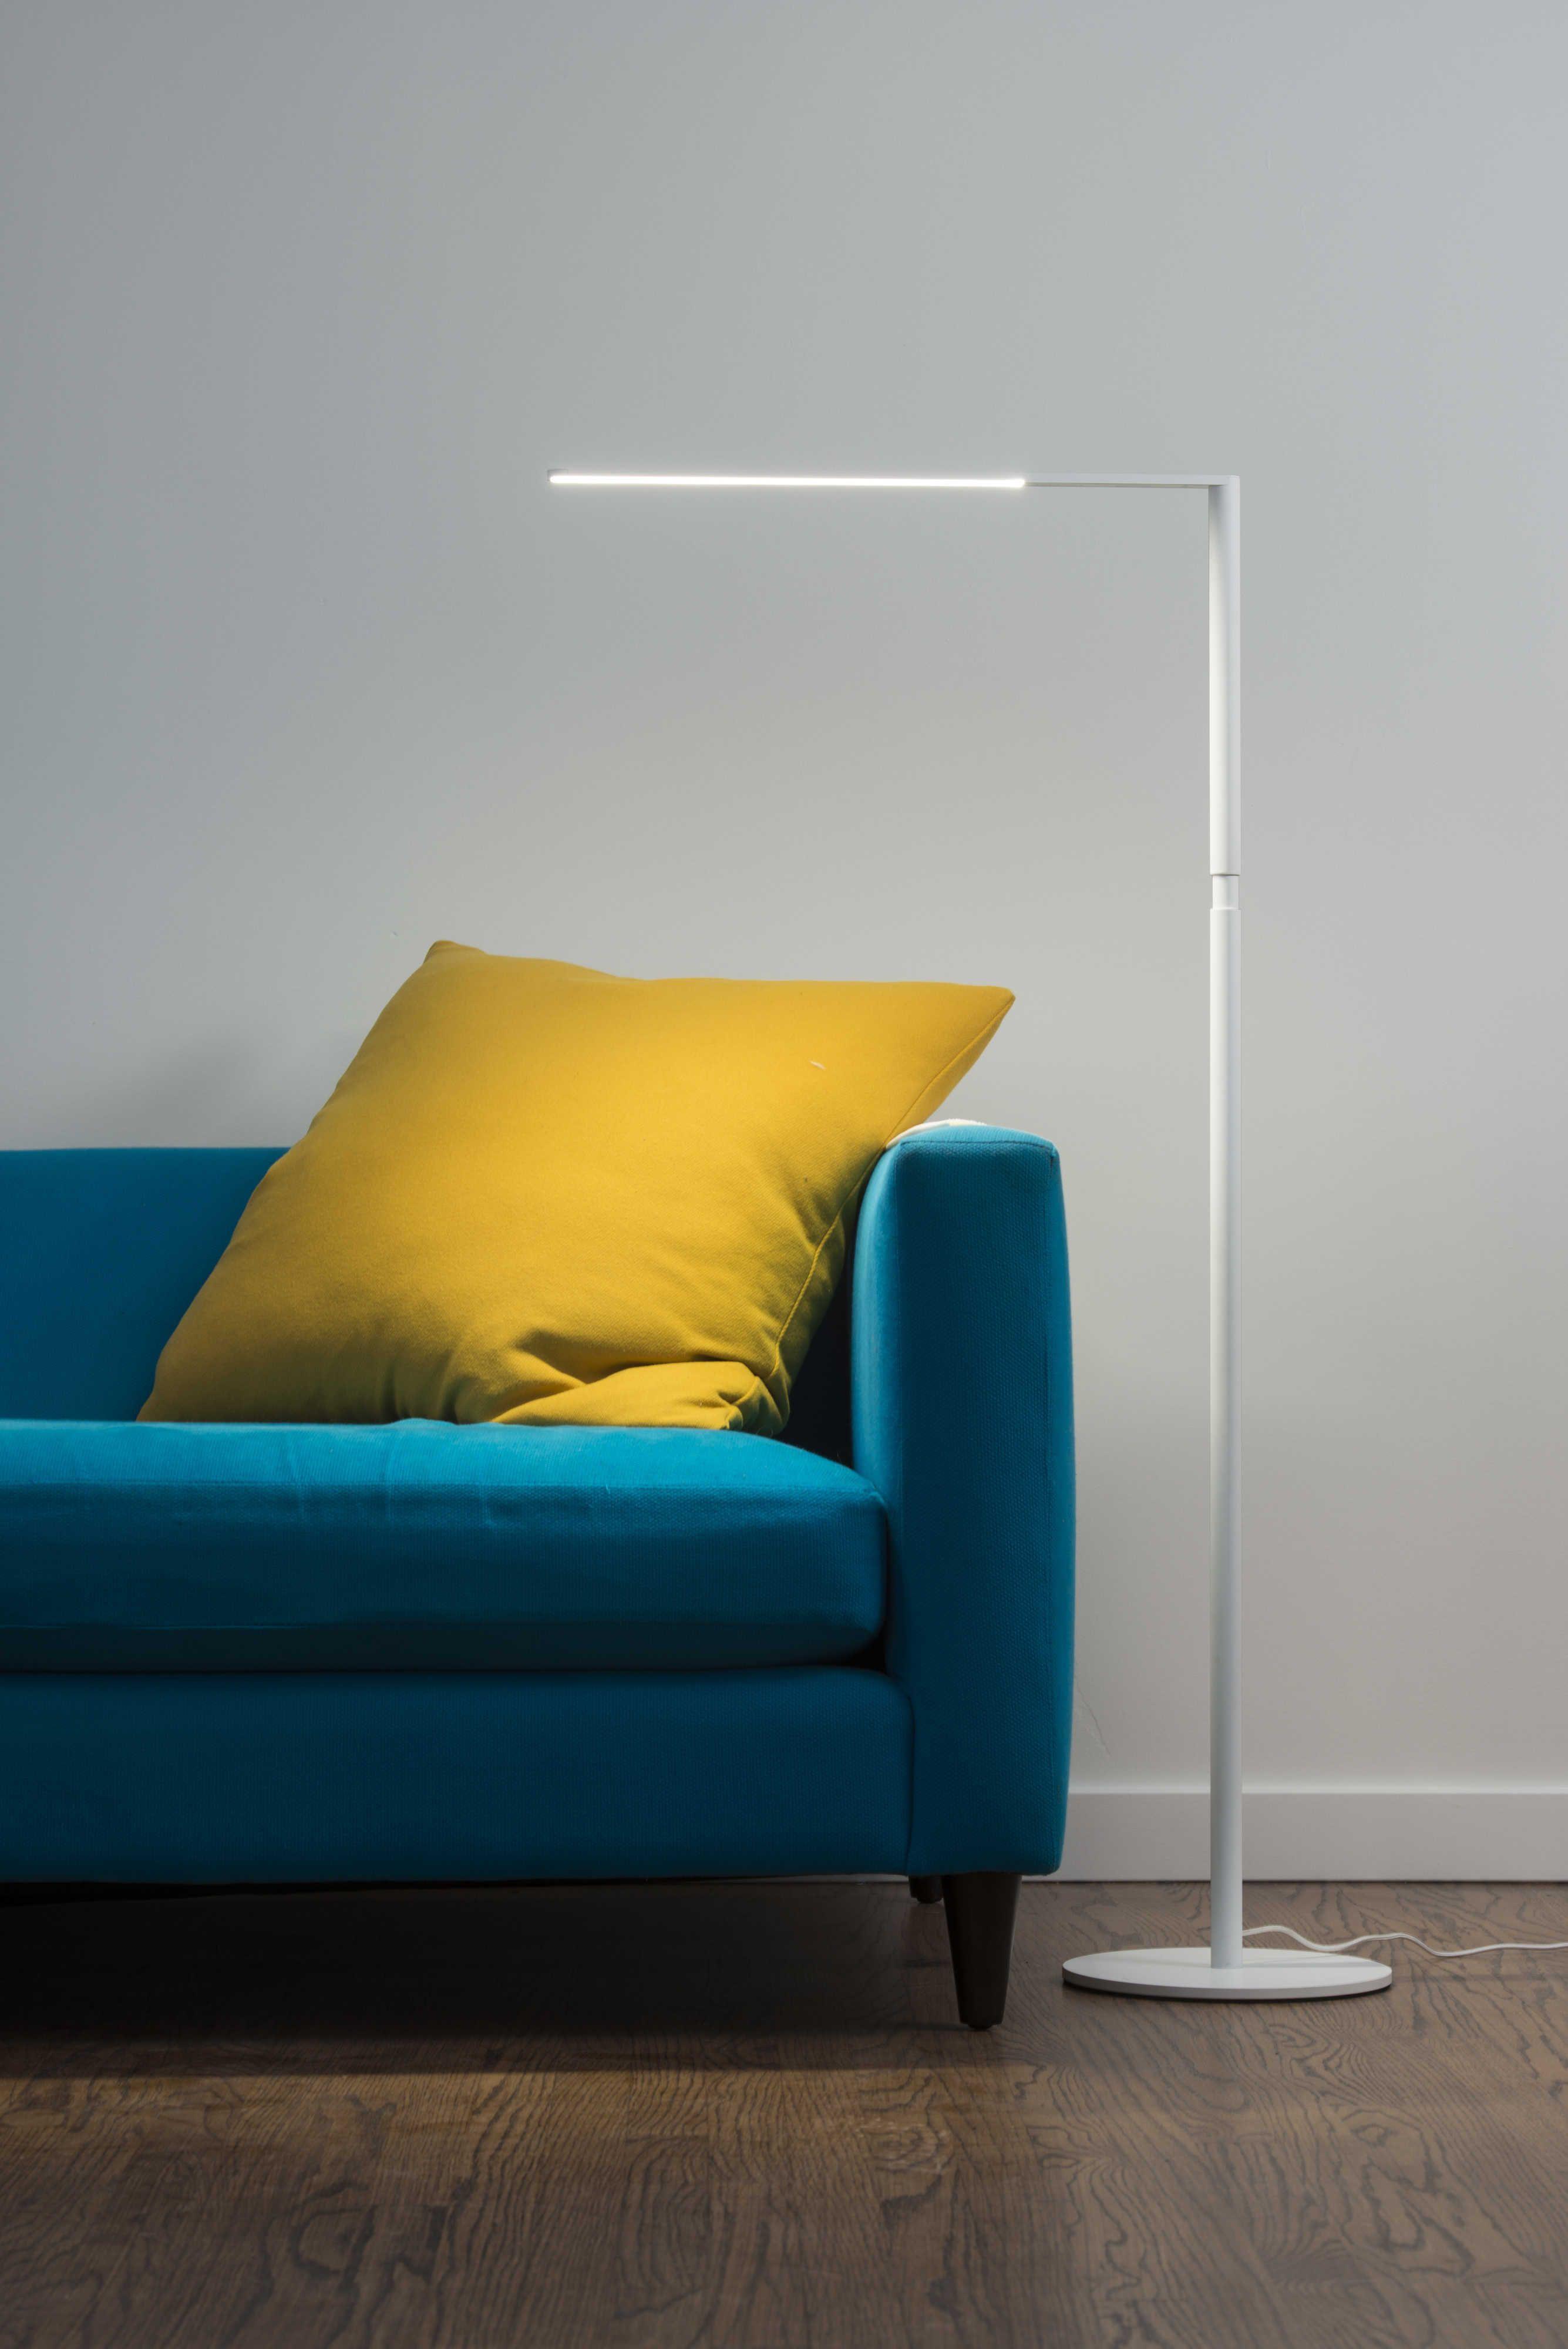 Koncept Lady7 Matte White Led Floor Lamp In 2020 Led Floor Lamp Flooring Floor Lamp